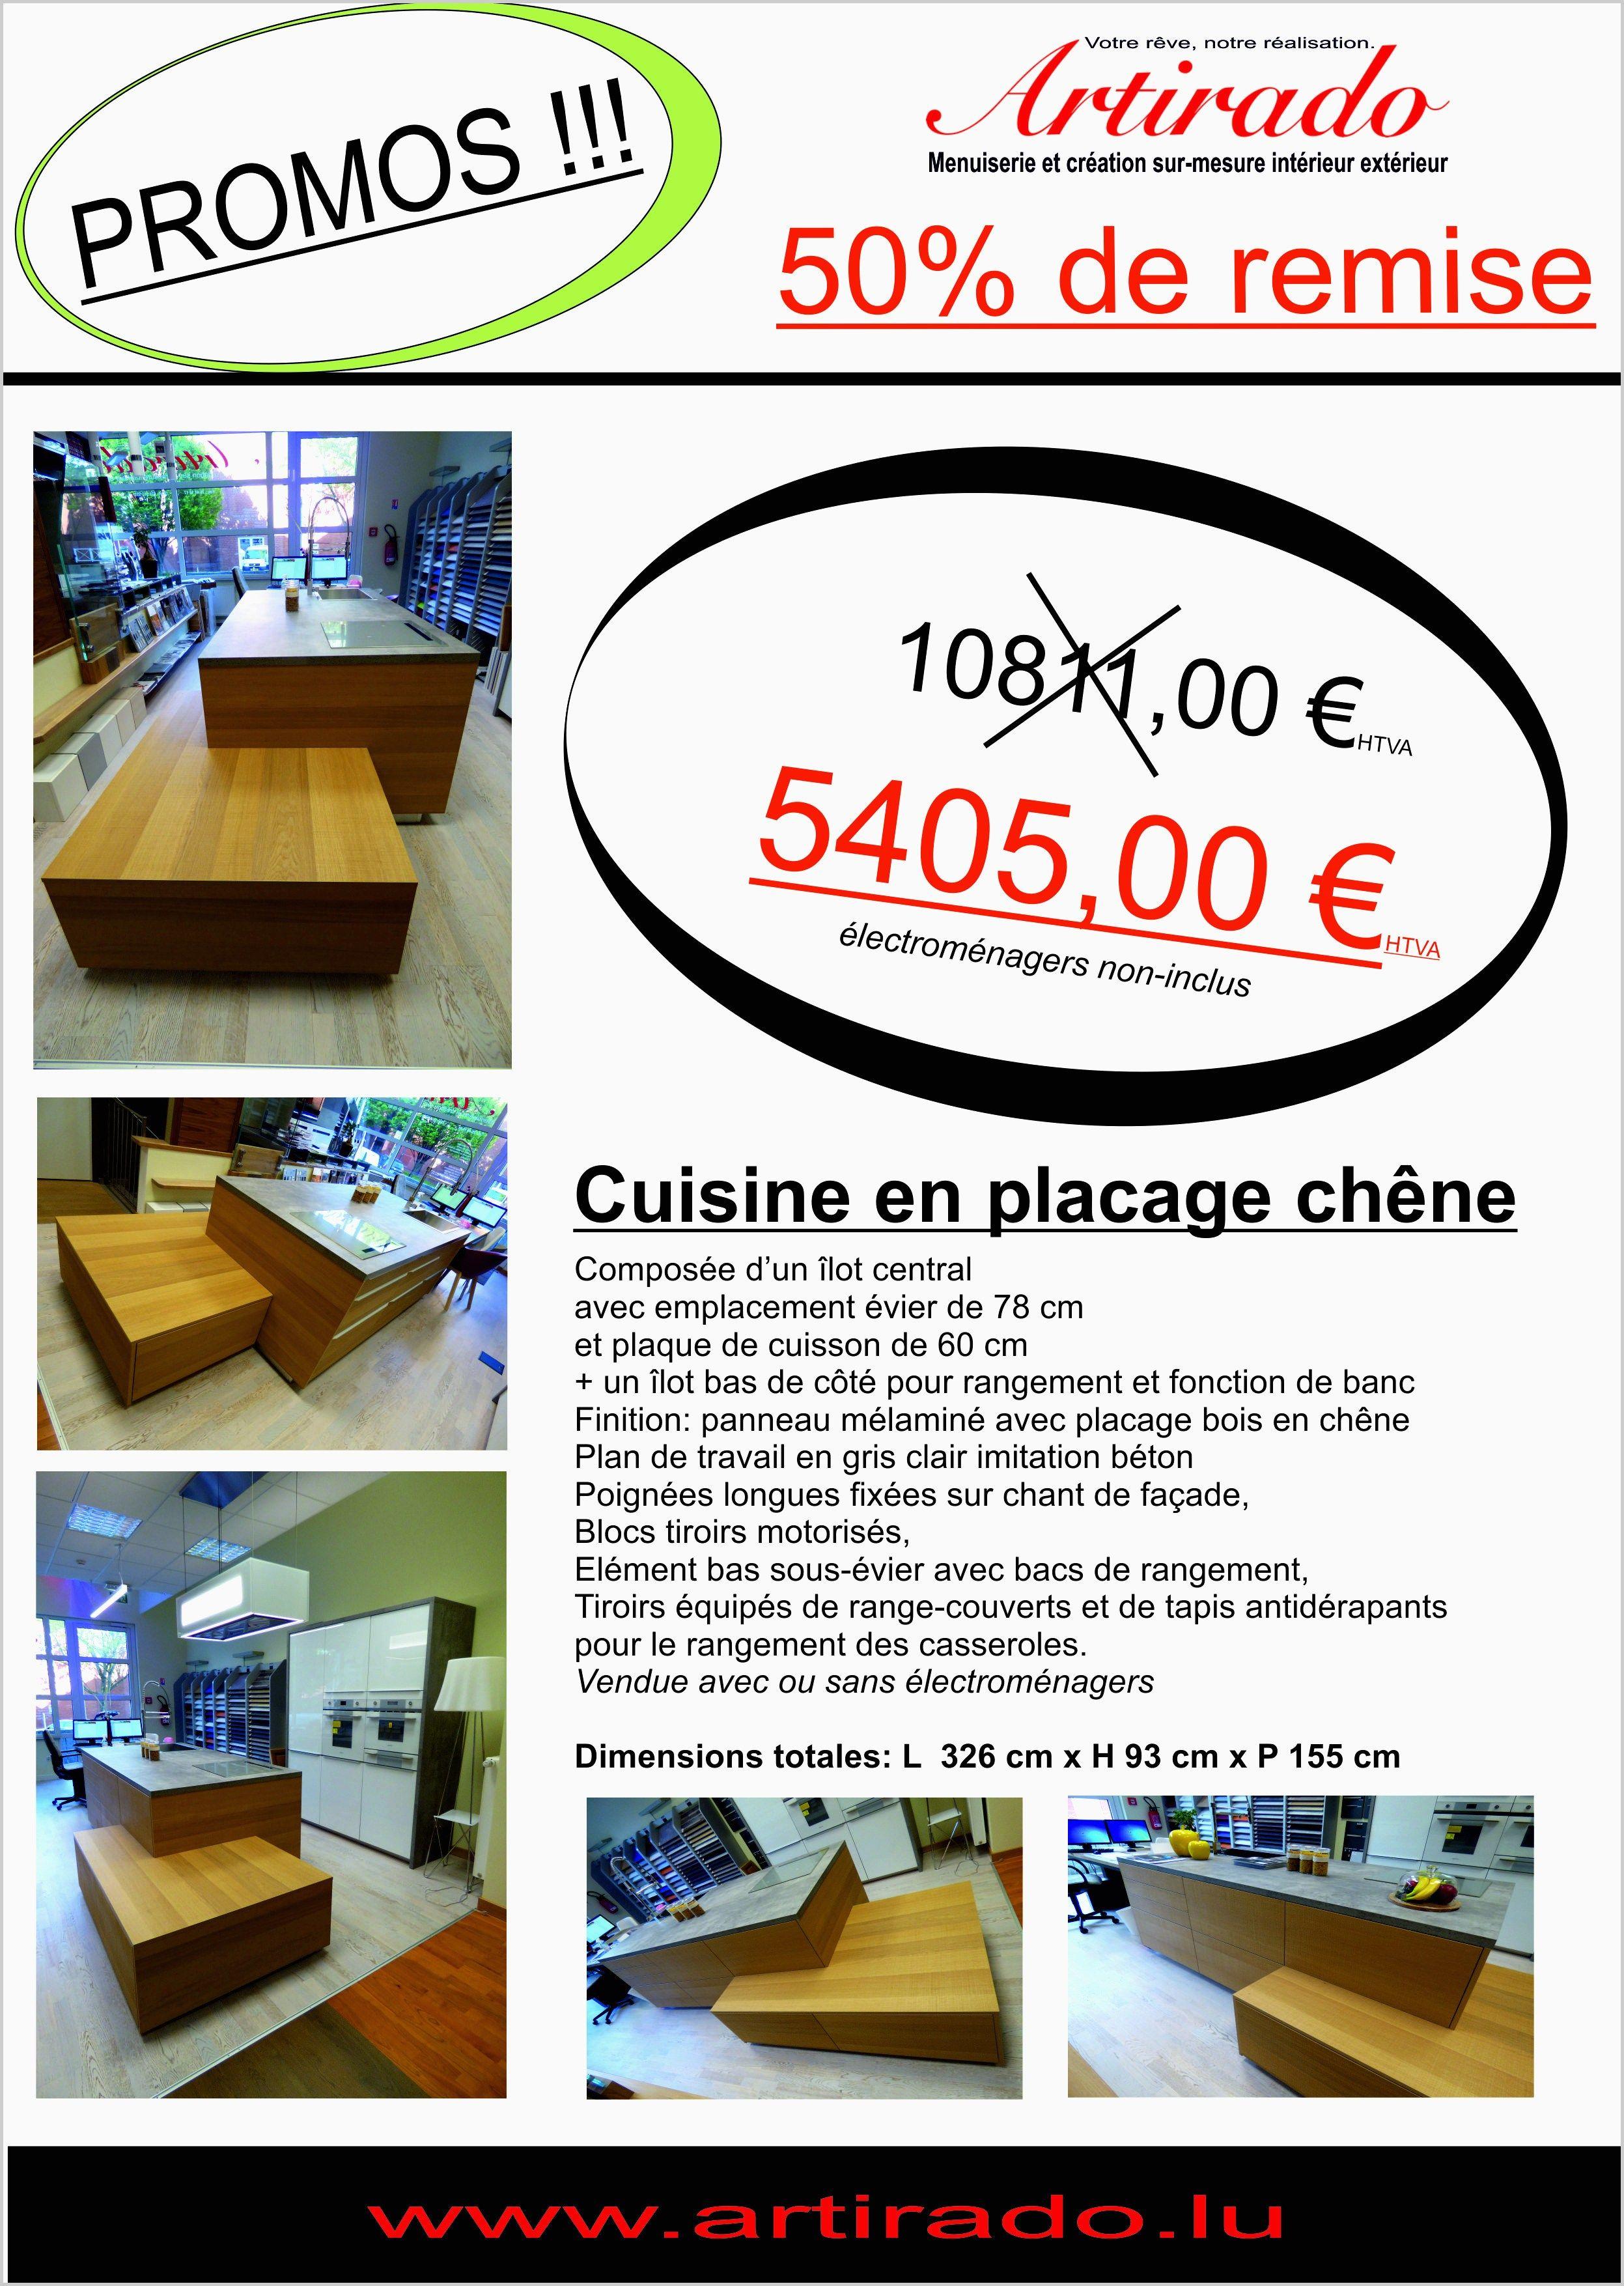 Planche Chene Brico Depot Planche Chene Brico Depot Planche Che Avec Images Logiciel Decoration Interieur Decoration Interieure Meuble Salle De Bain Une Vasque